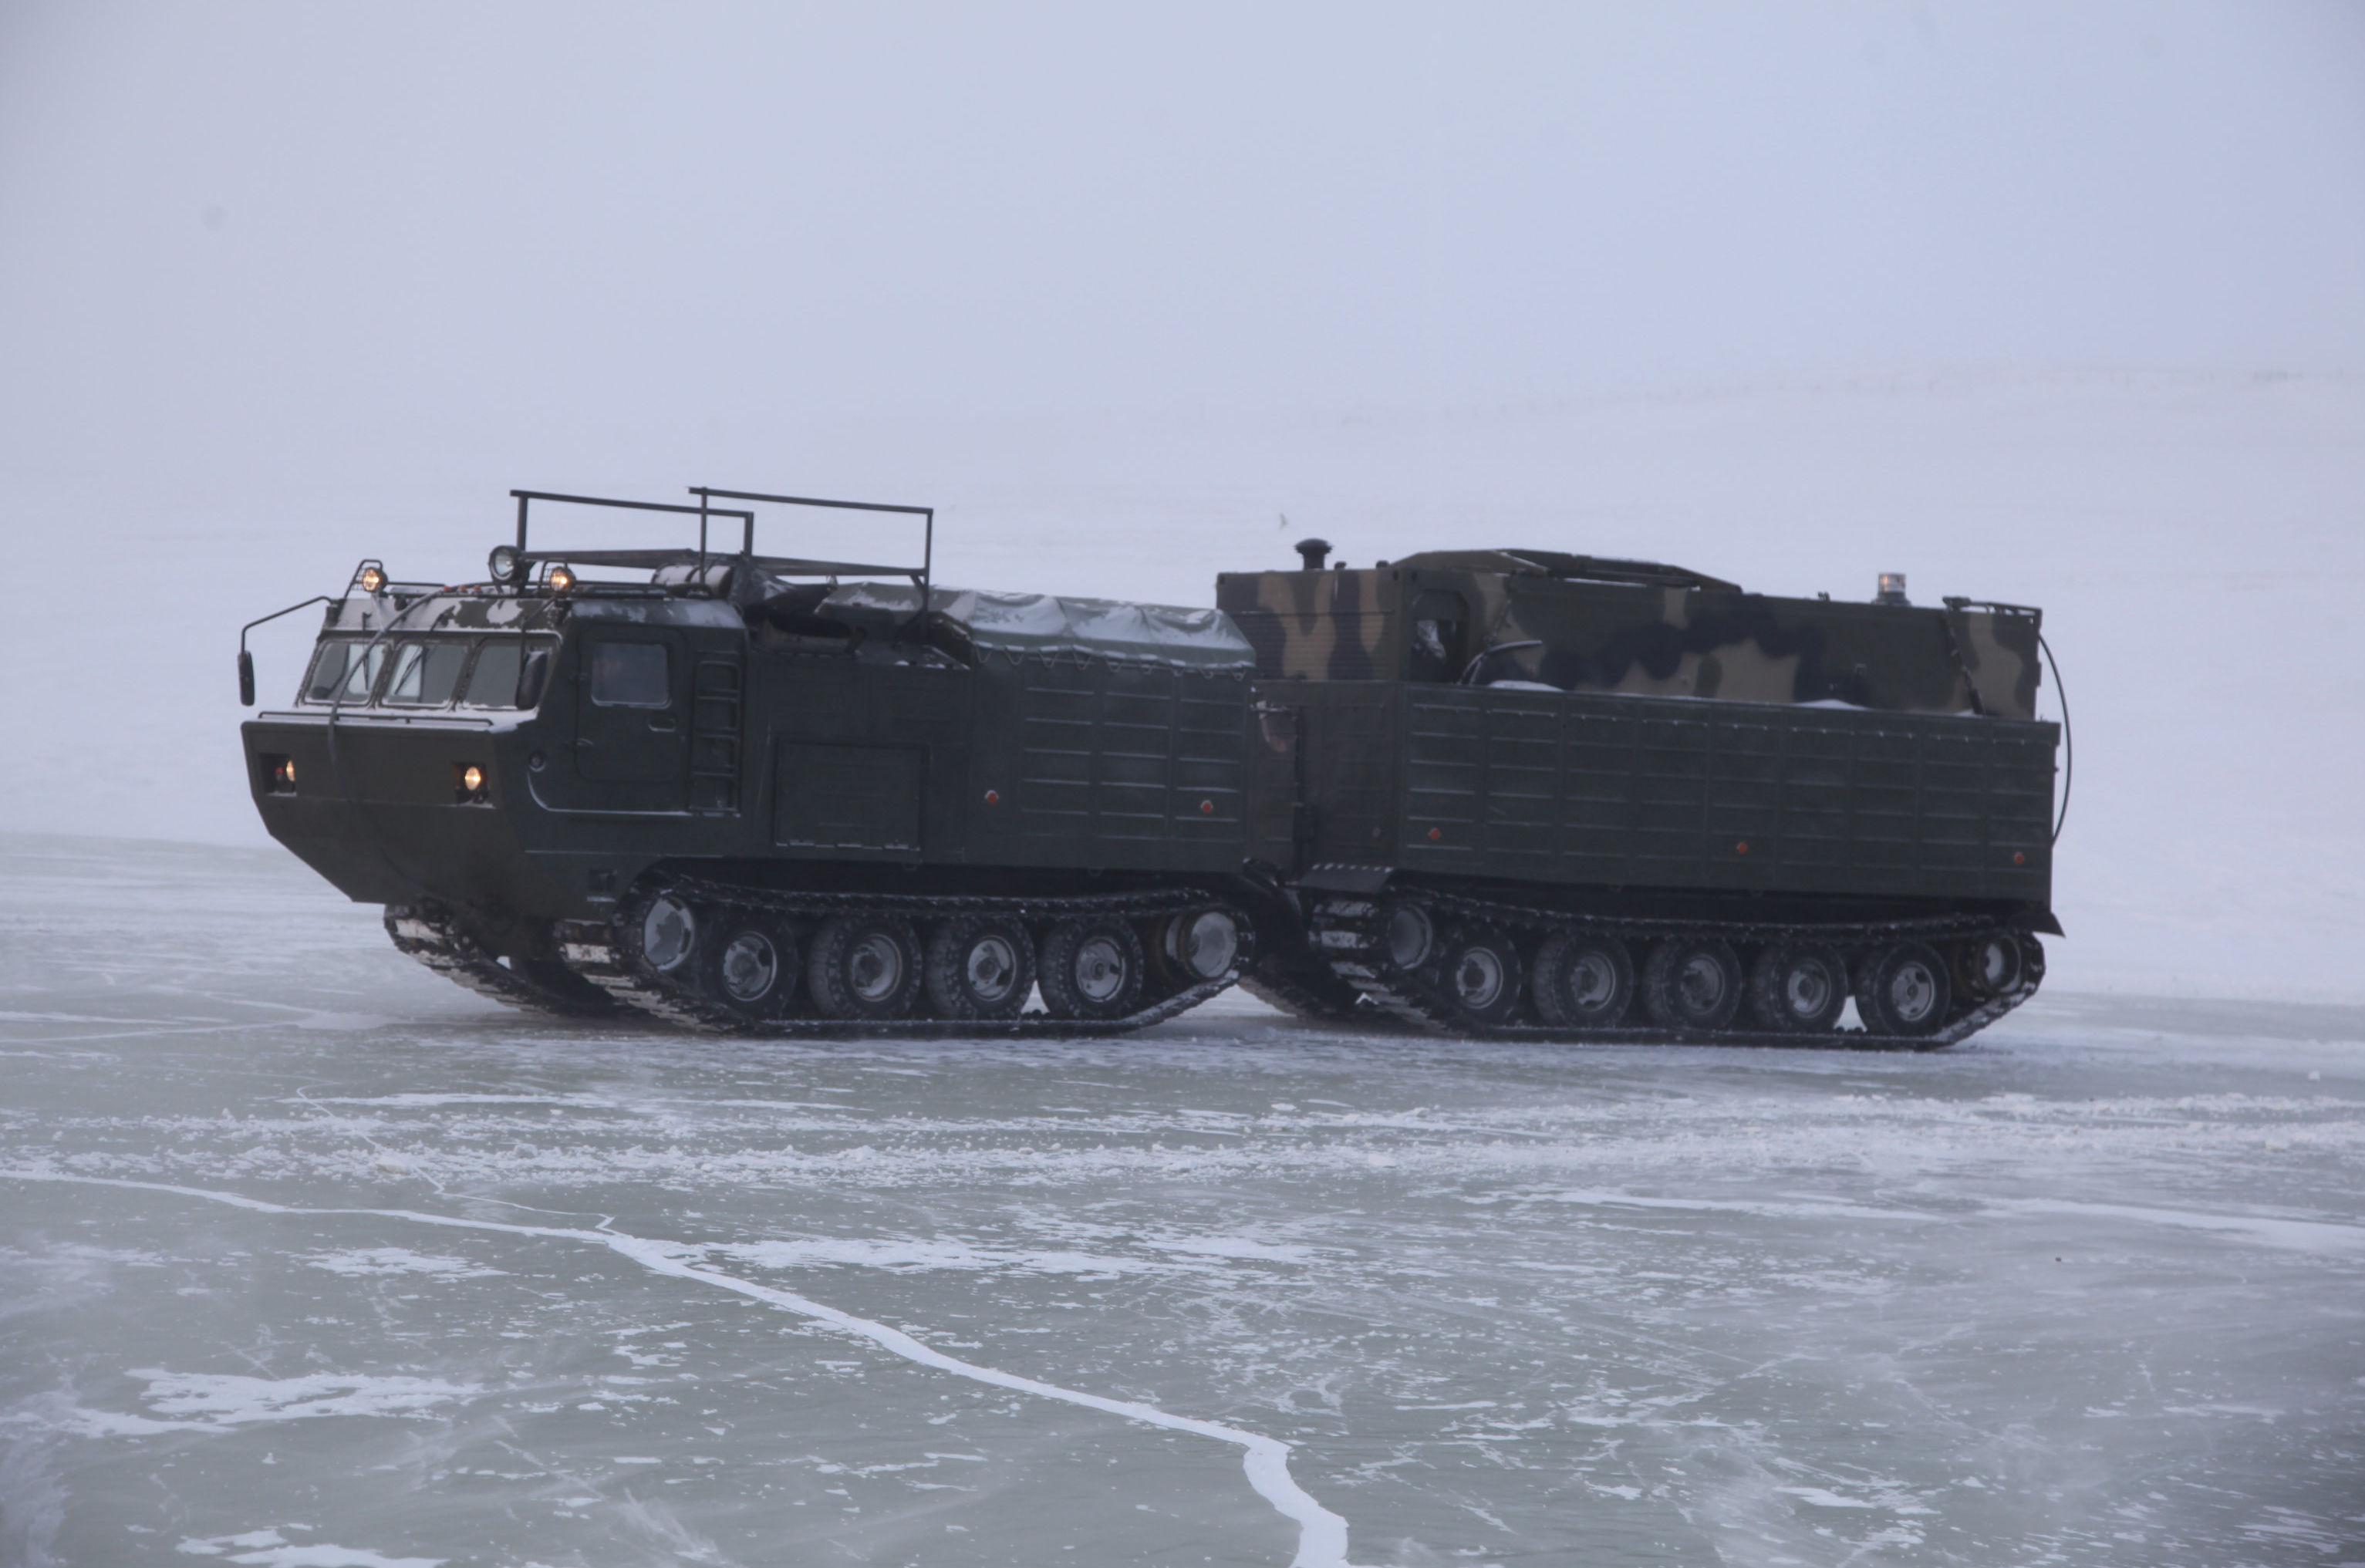 Veículo militar participa de exercícios na zona do Ártico, na Rússia